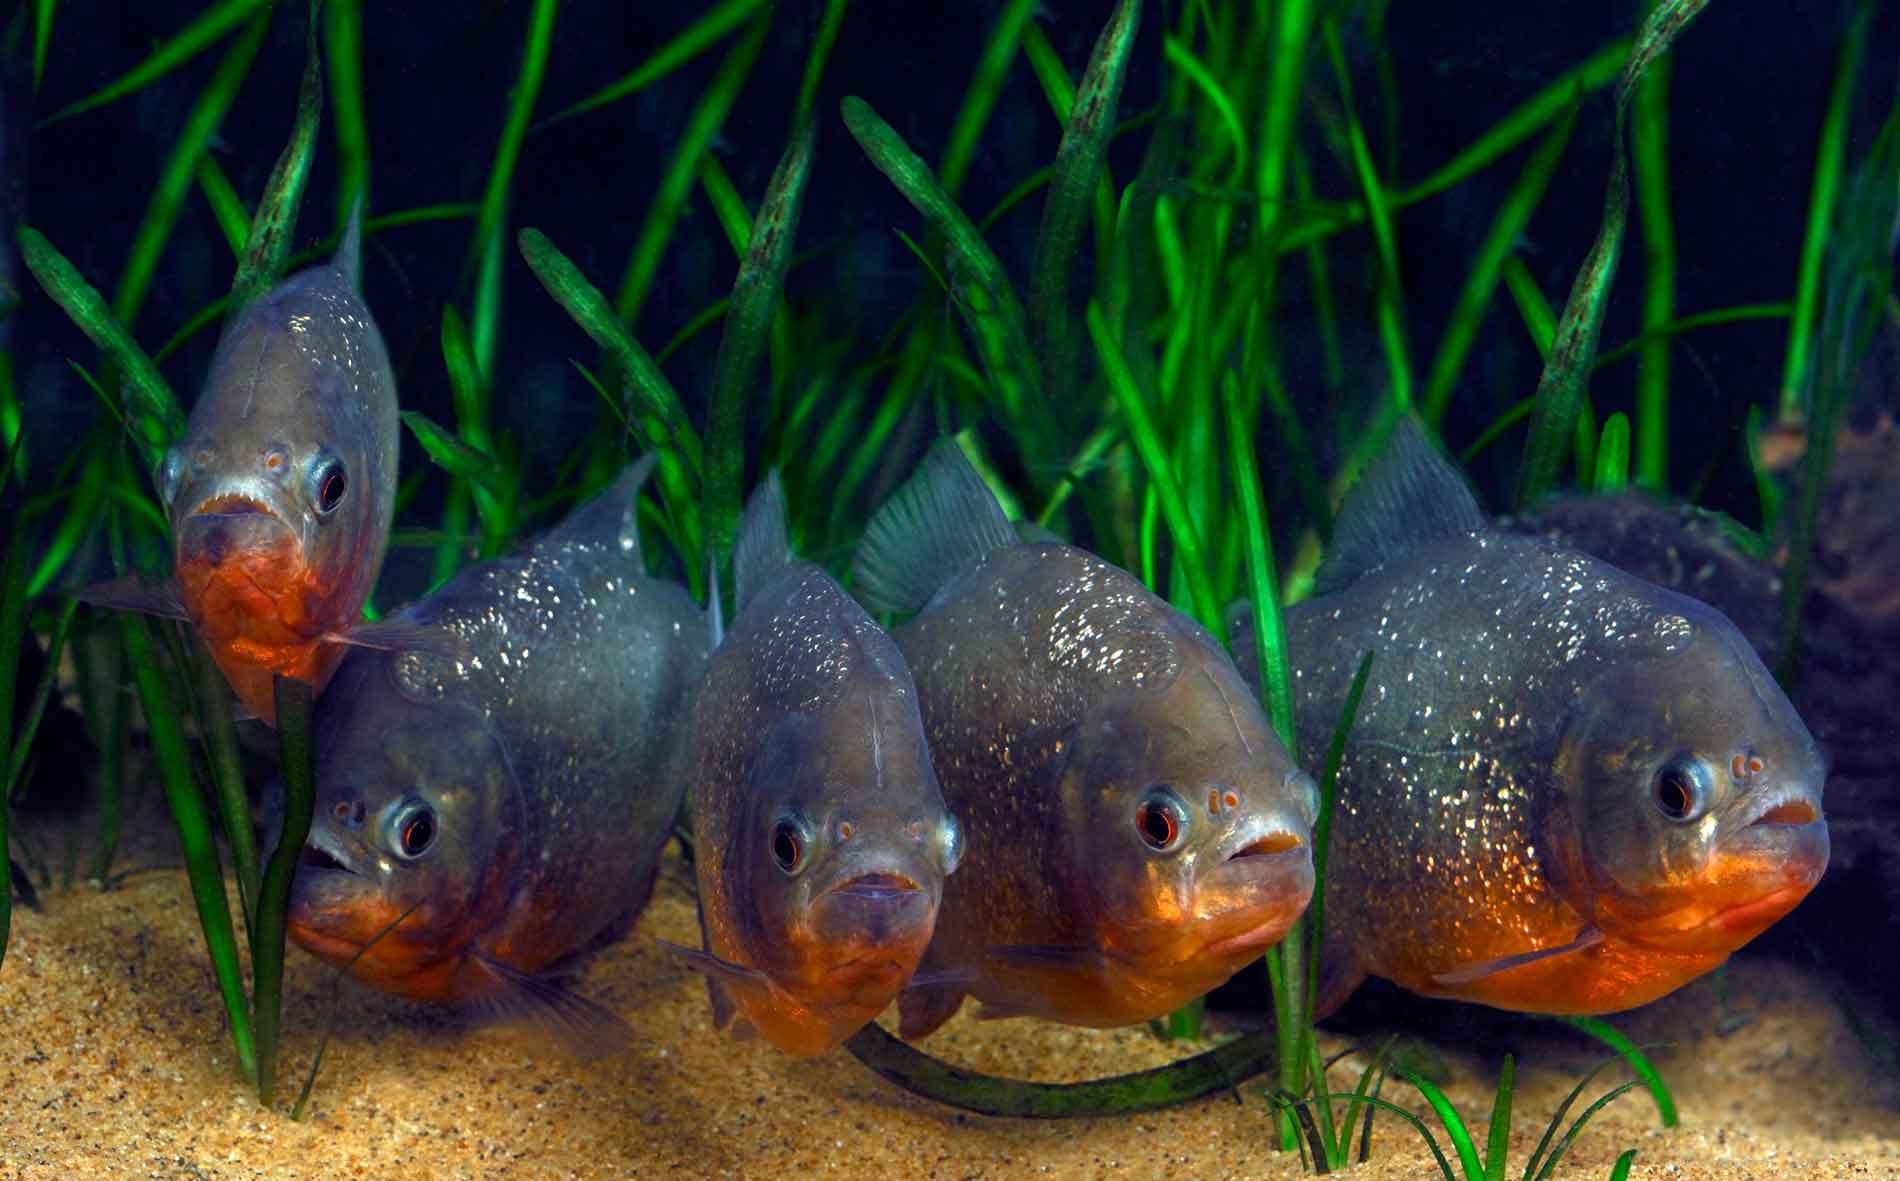 Пиранья - самая опасная рыба в мире